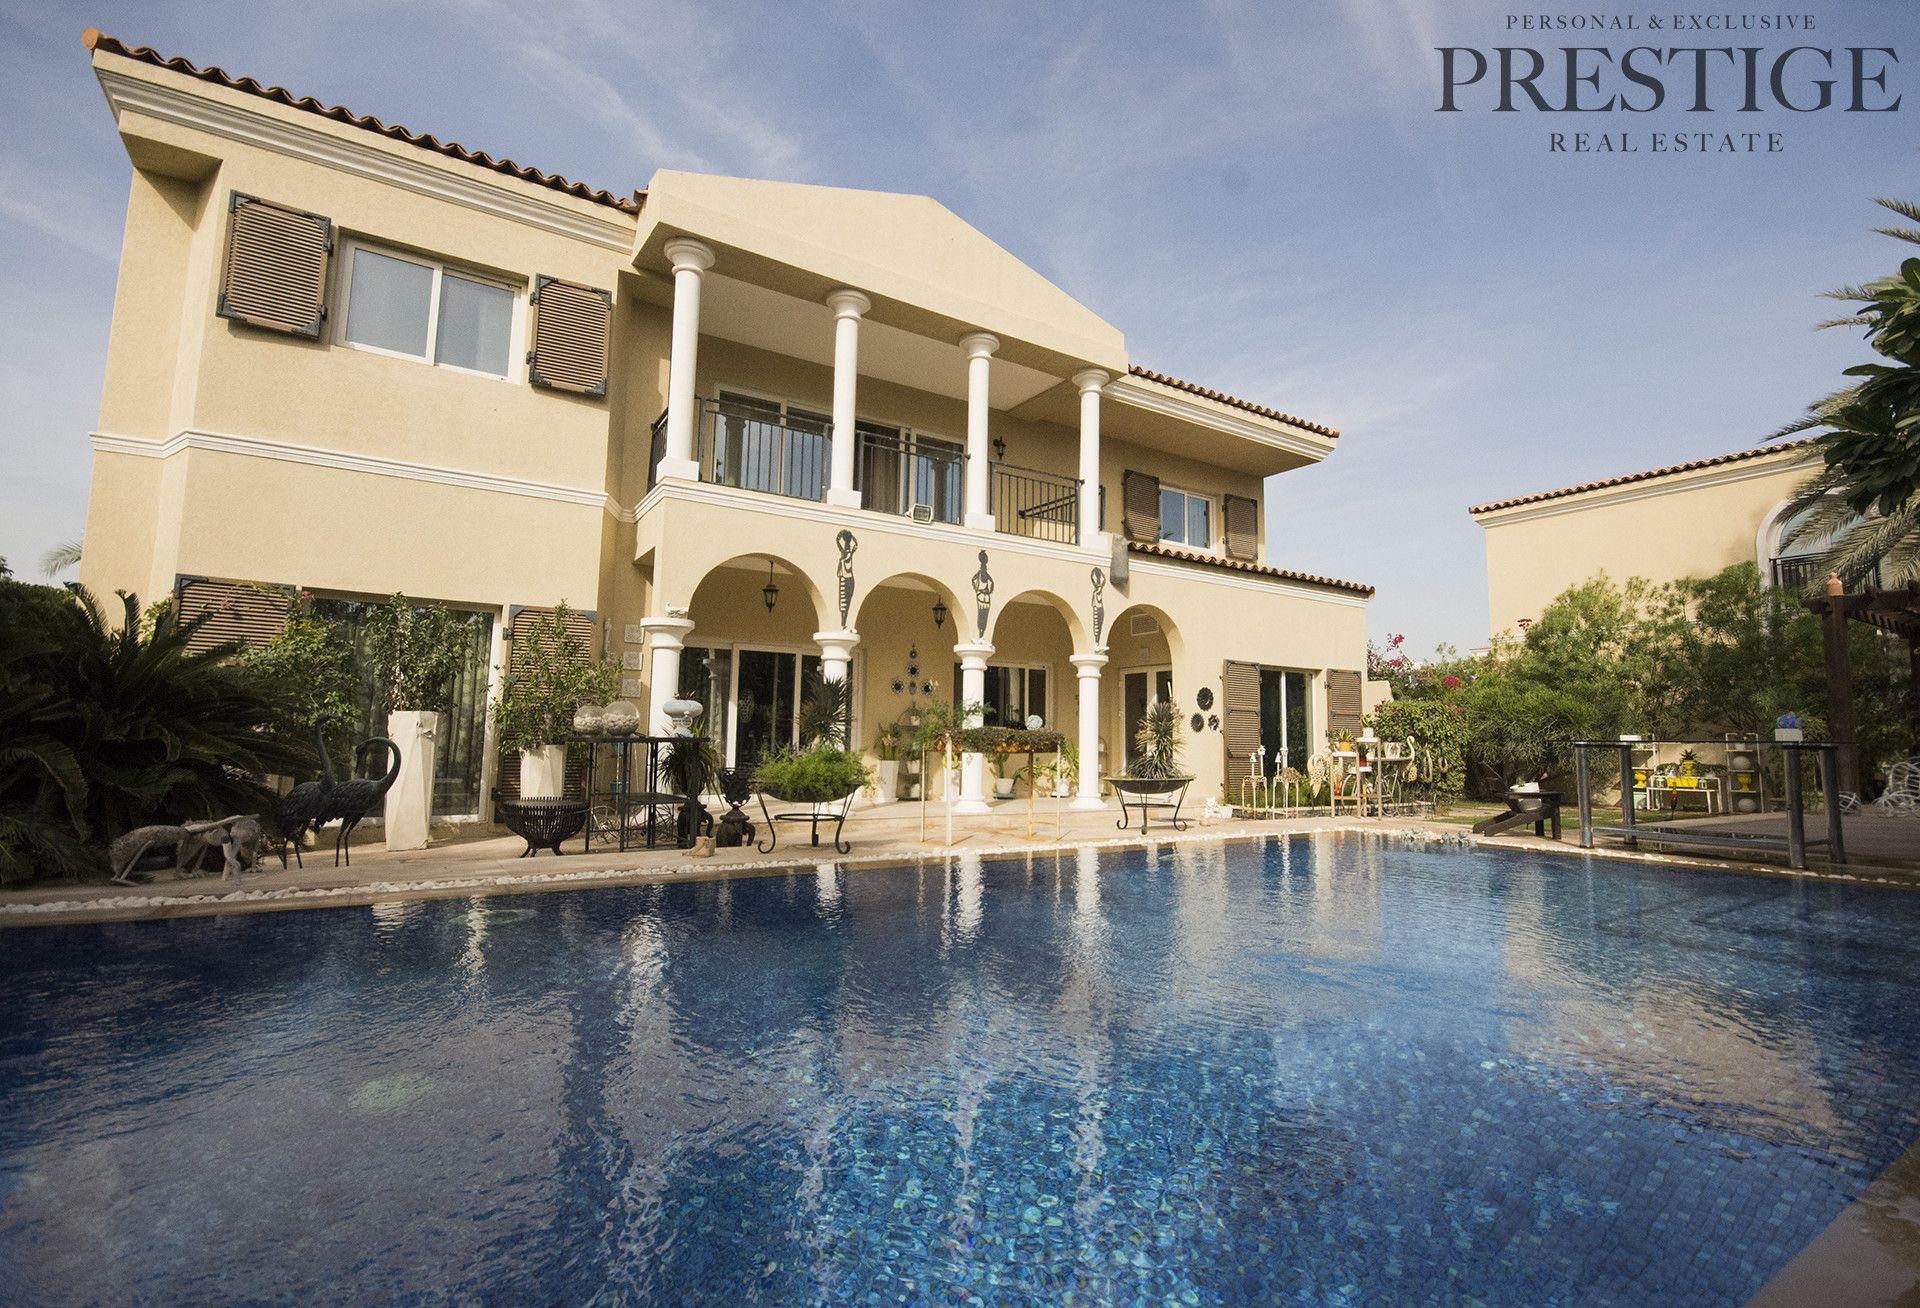 5 Bedrooms Villas for Rent in Green Community West To buy